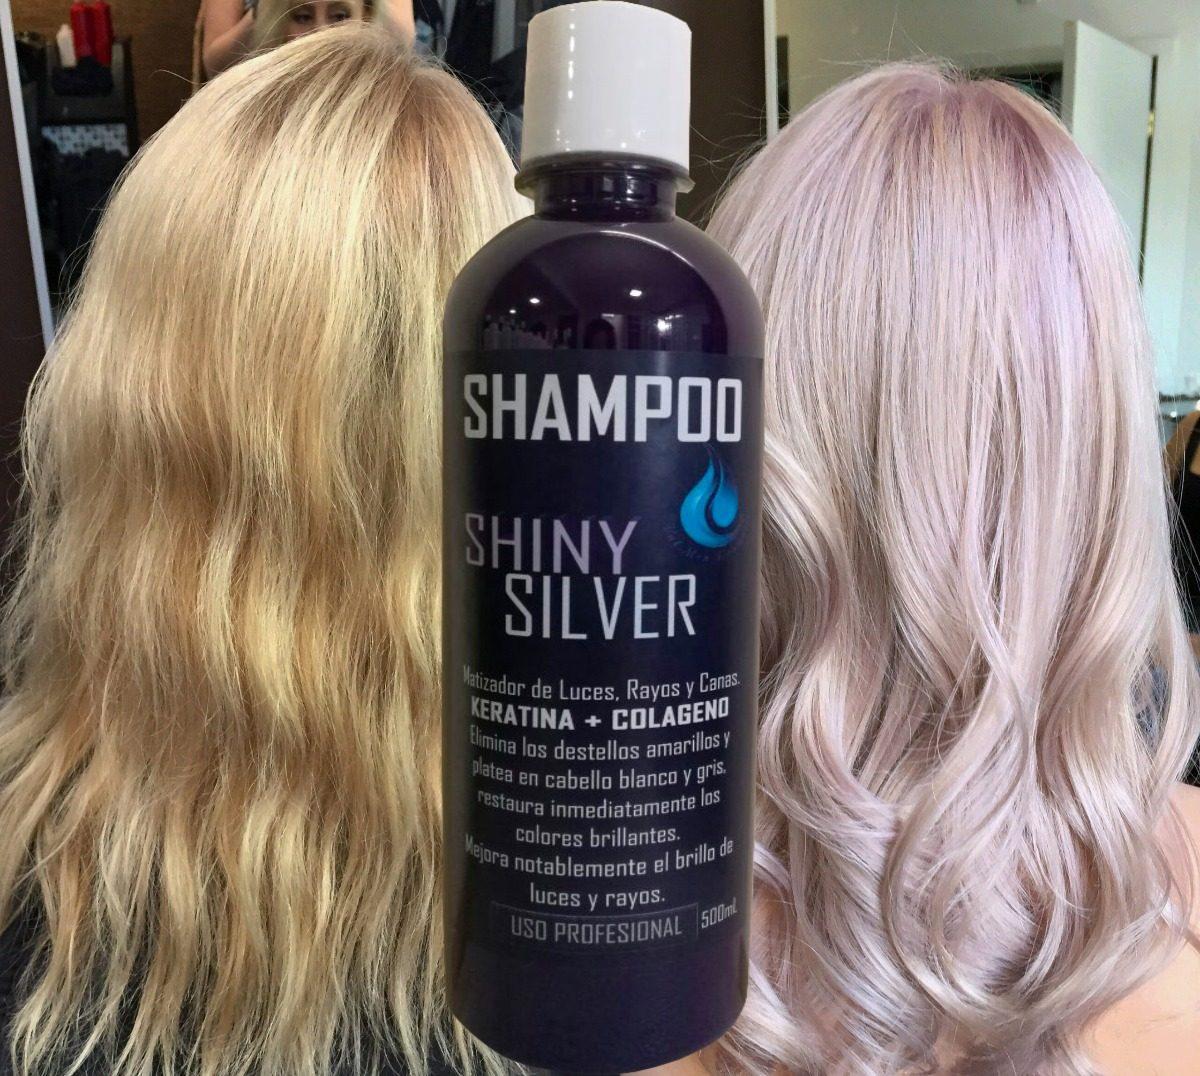 Shampoo Matizador Cabello Rubio Shiny Silver 500ml 250 00 En